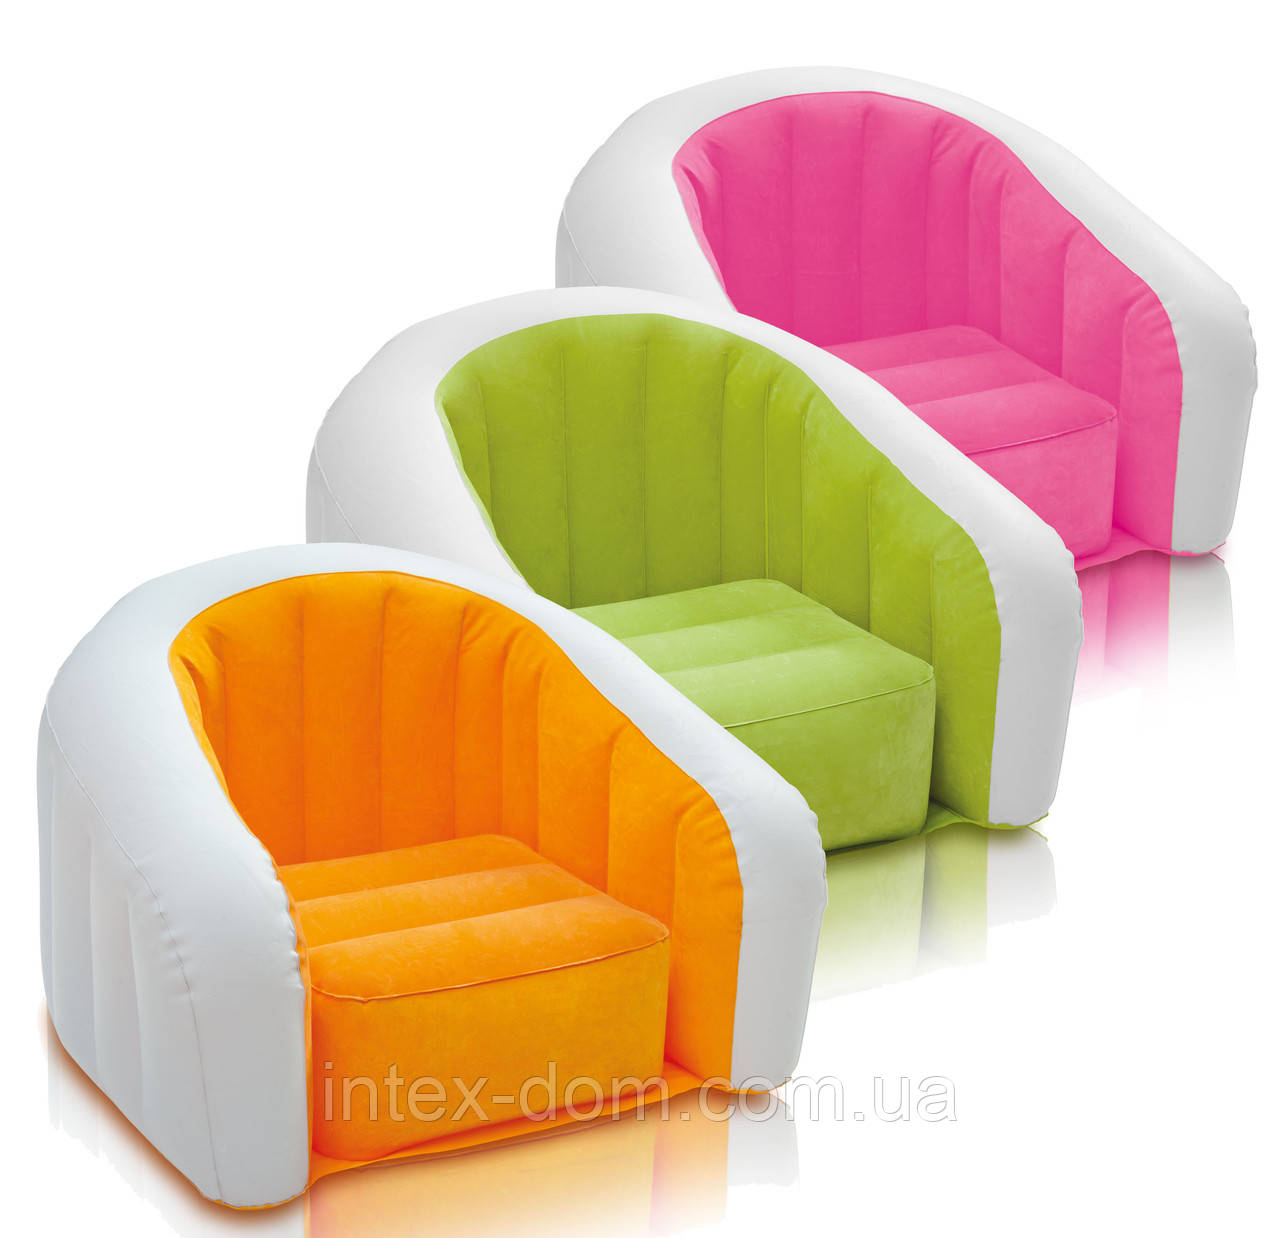 Детское надувное кресло intex 68597O (Оранжевый)